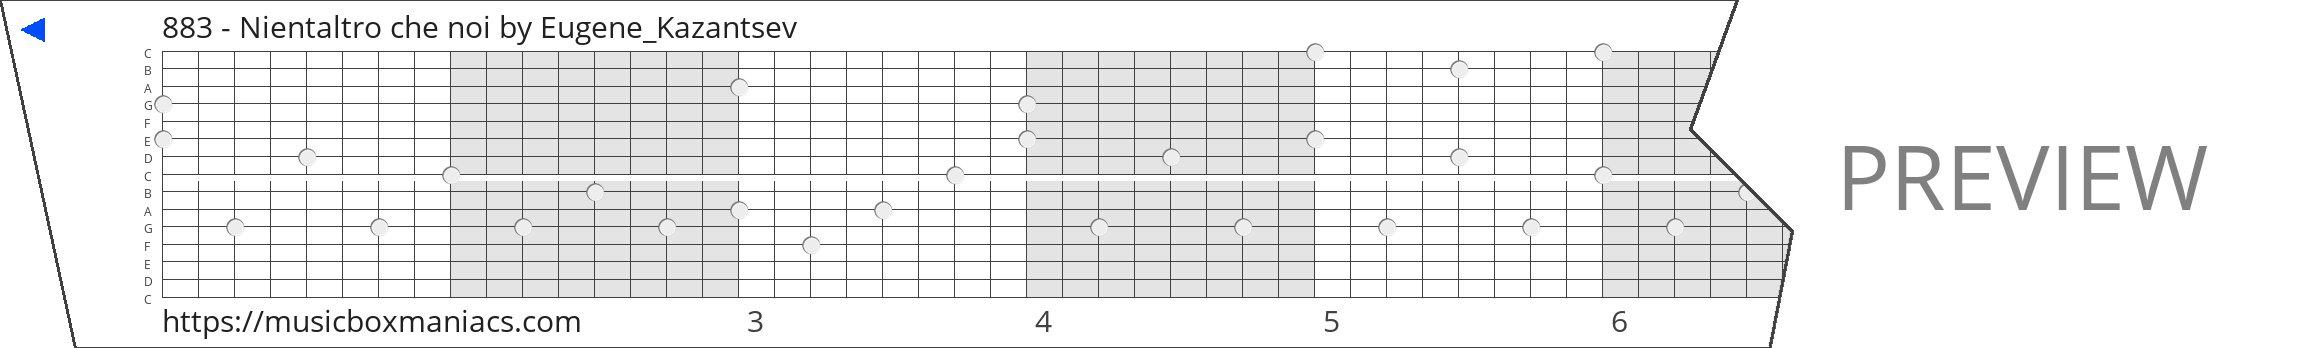 883 - Nientaltro che noi 15 note music box paper strip